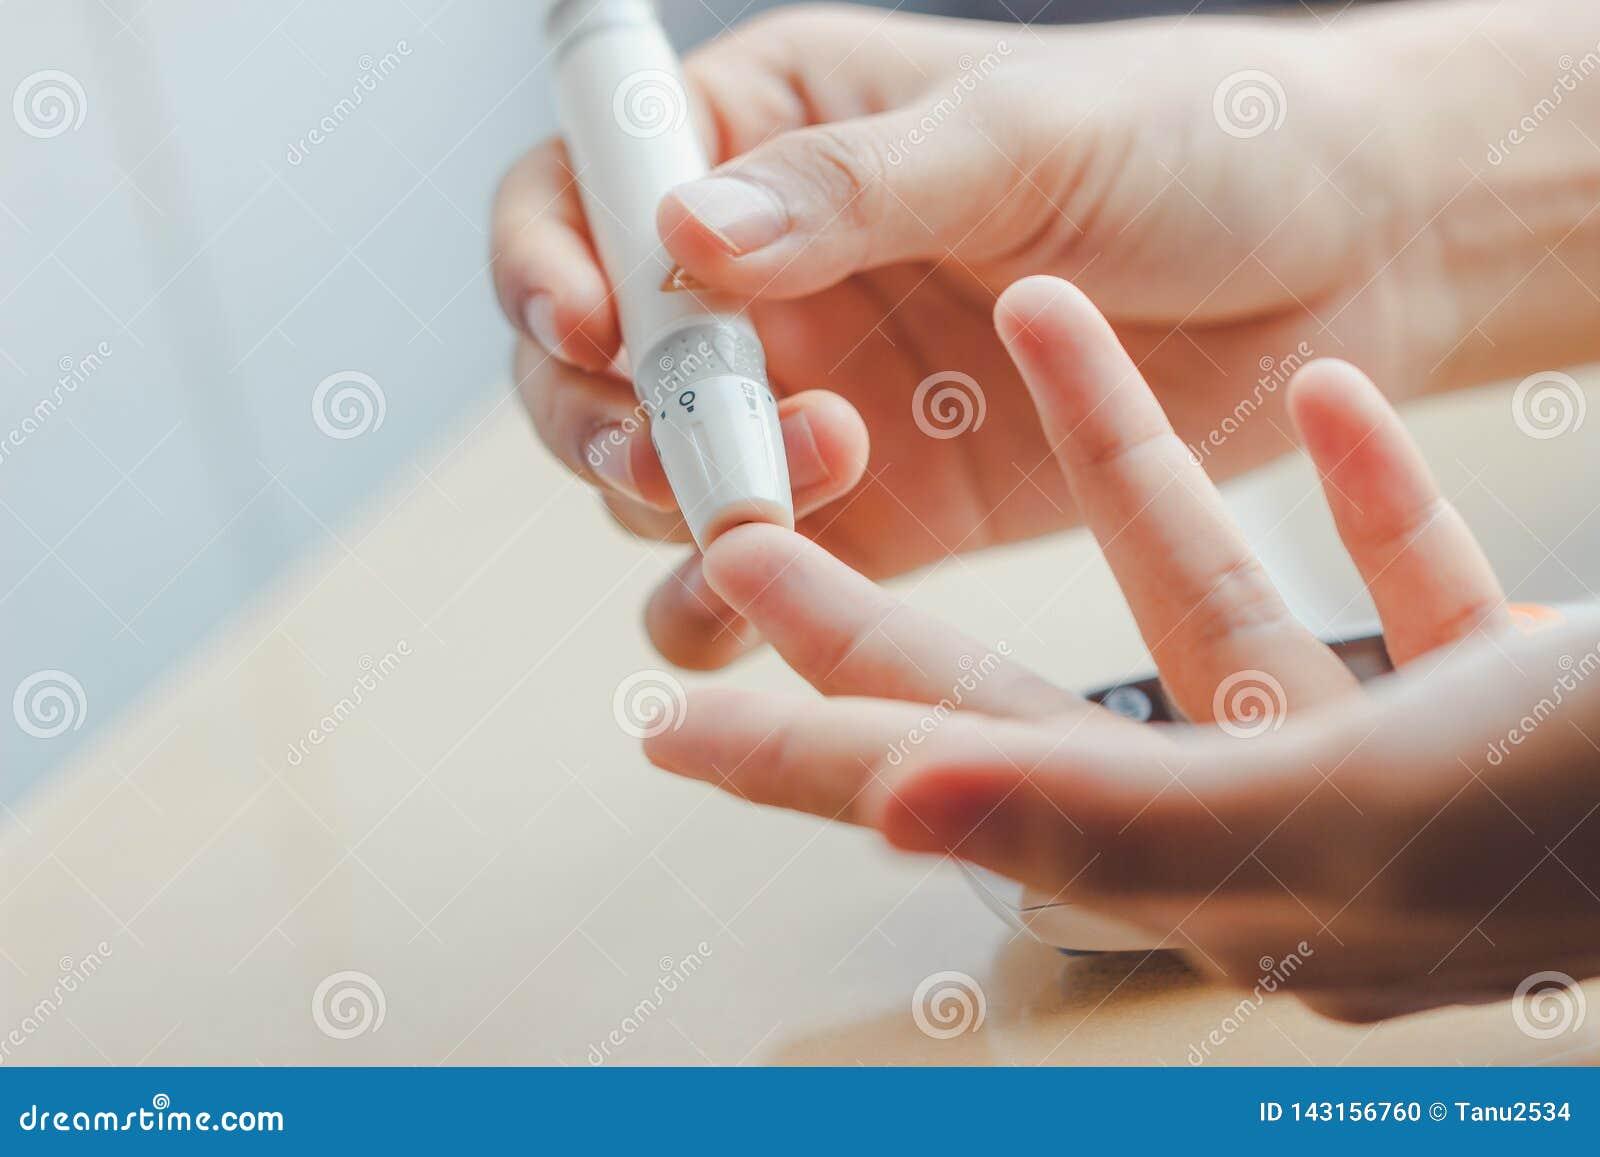 Sluit omhoog van vrouwenhanden gebruikend lancet op vinger om het niveau van de bloedsuiker door Glucosemeter te controleren gebr